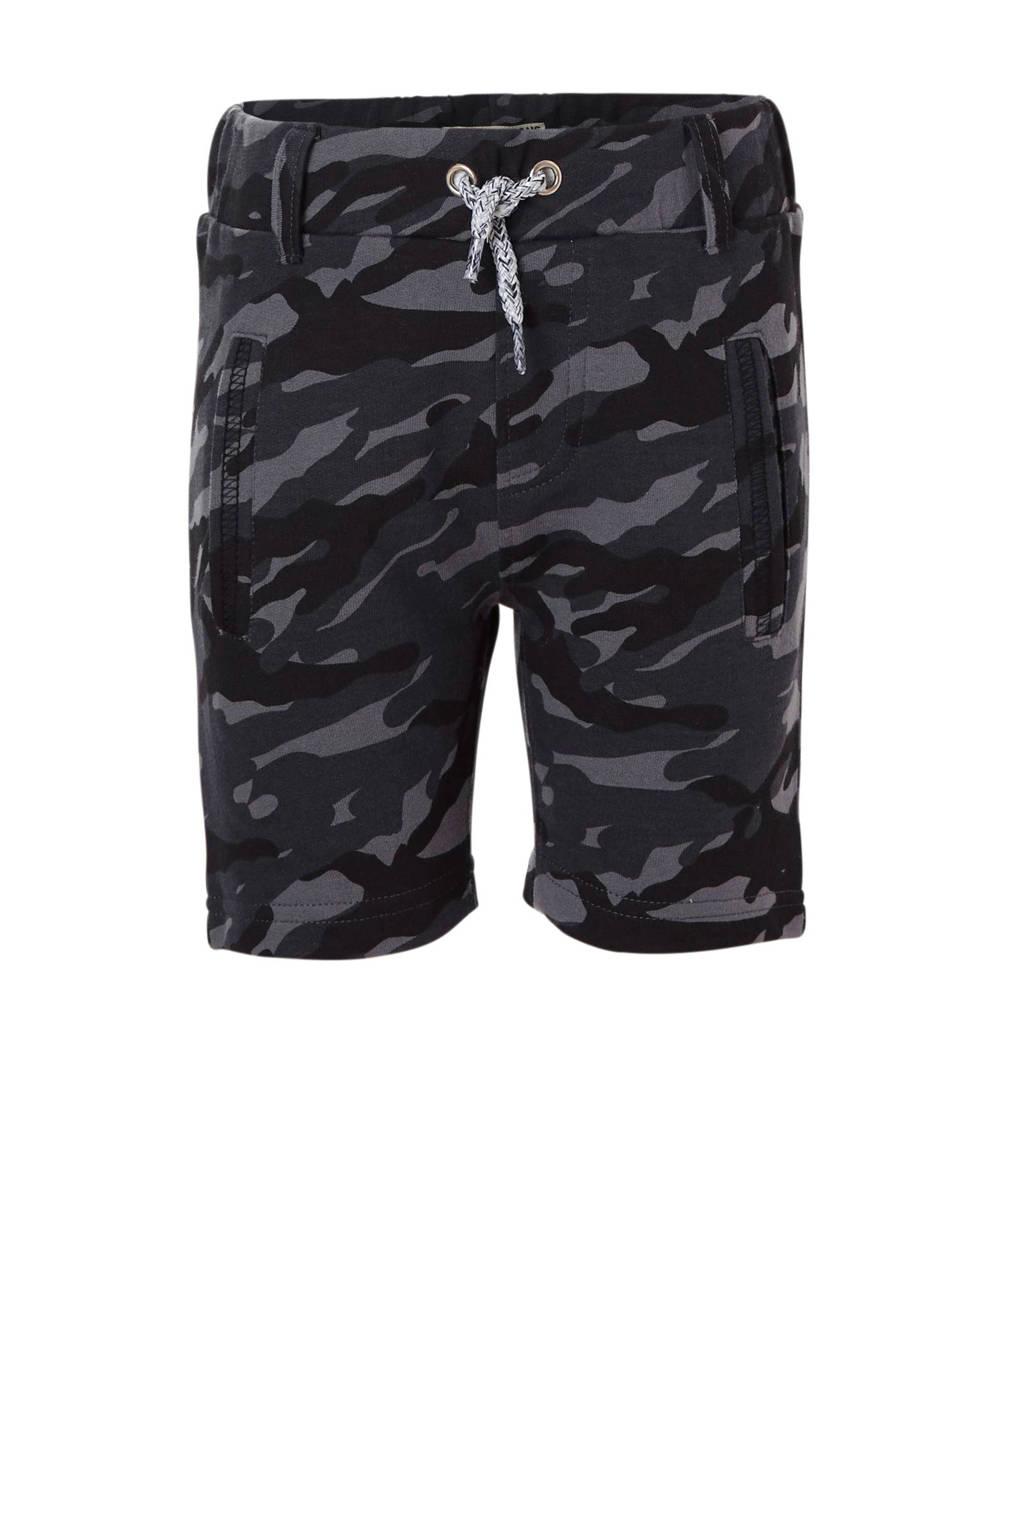 DJ Dutchjeans sweatshort met camouflageprint zwart/ grijs